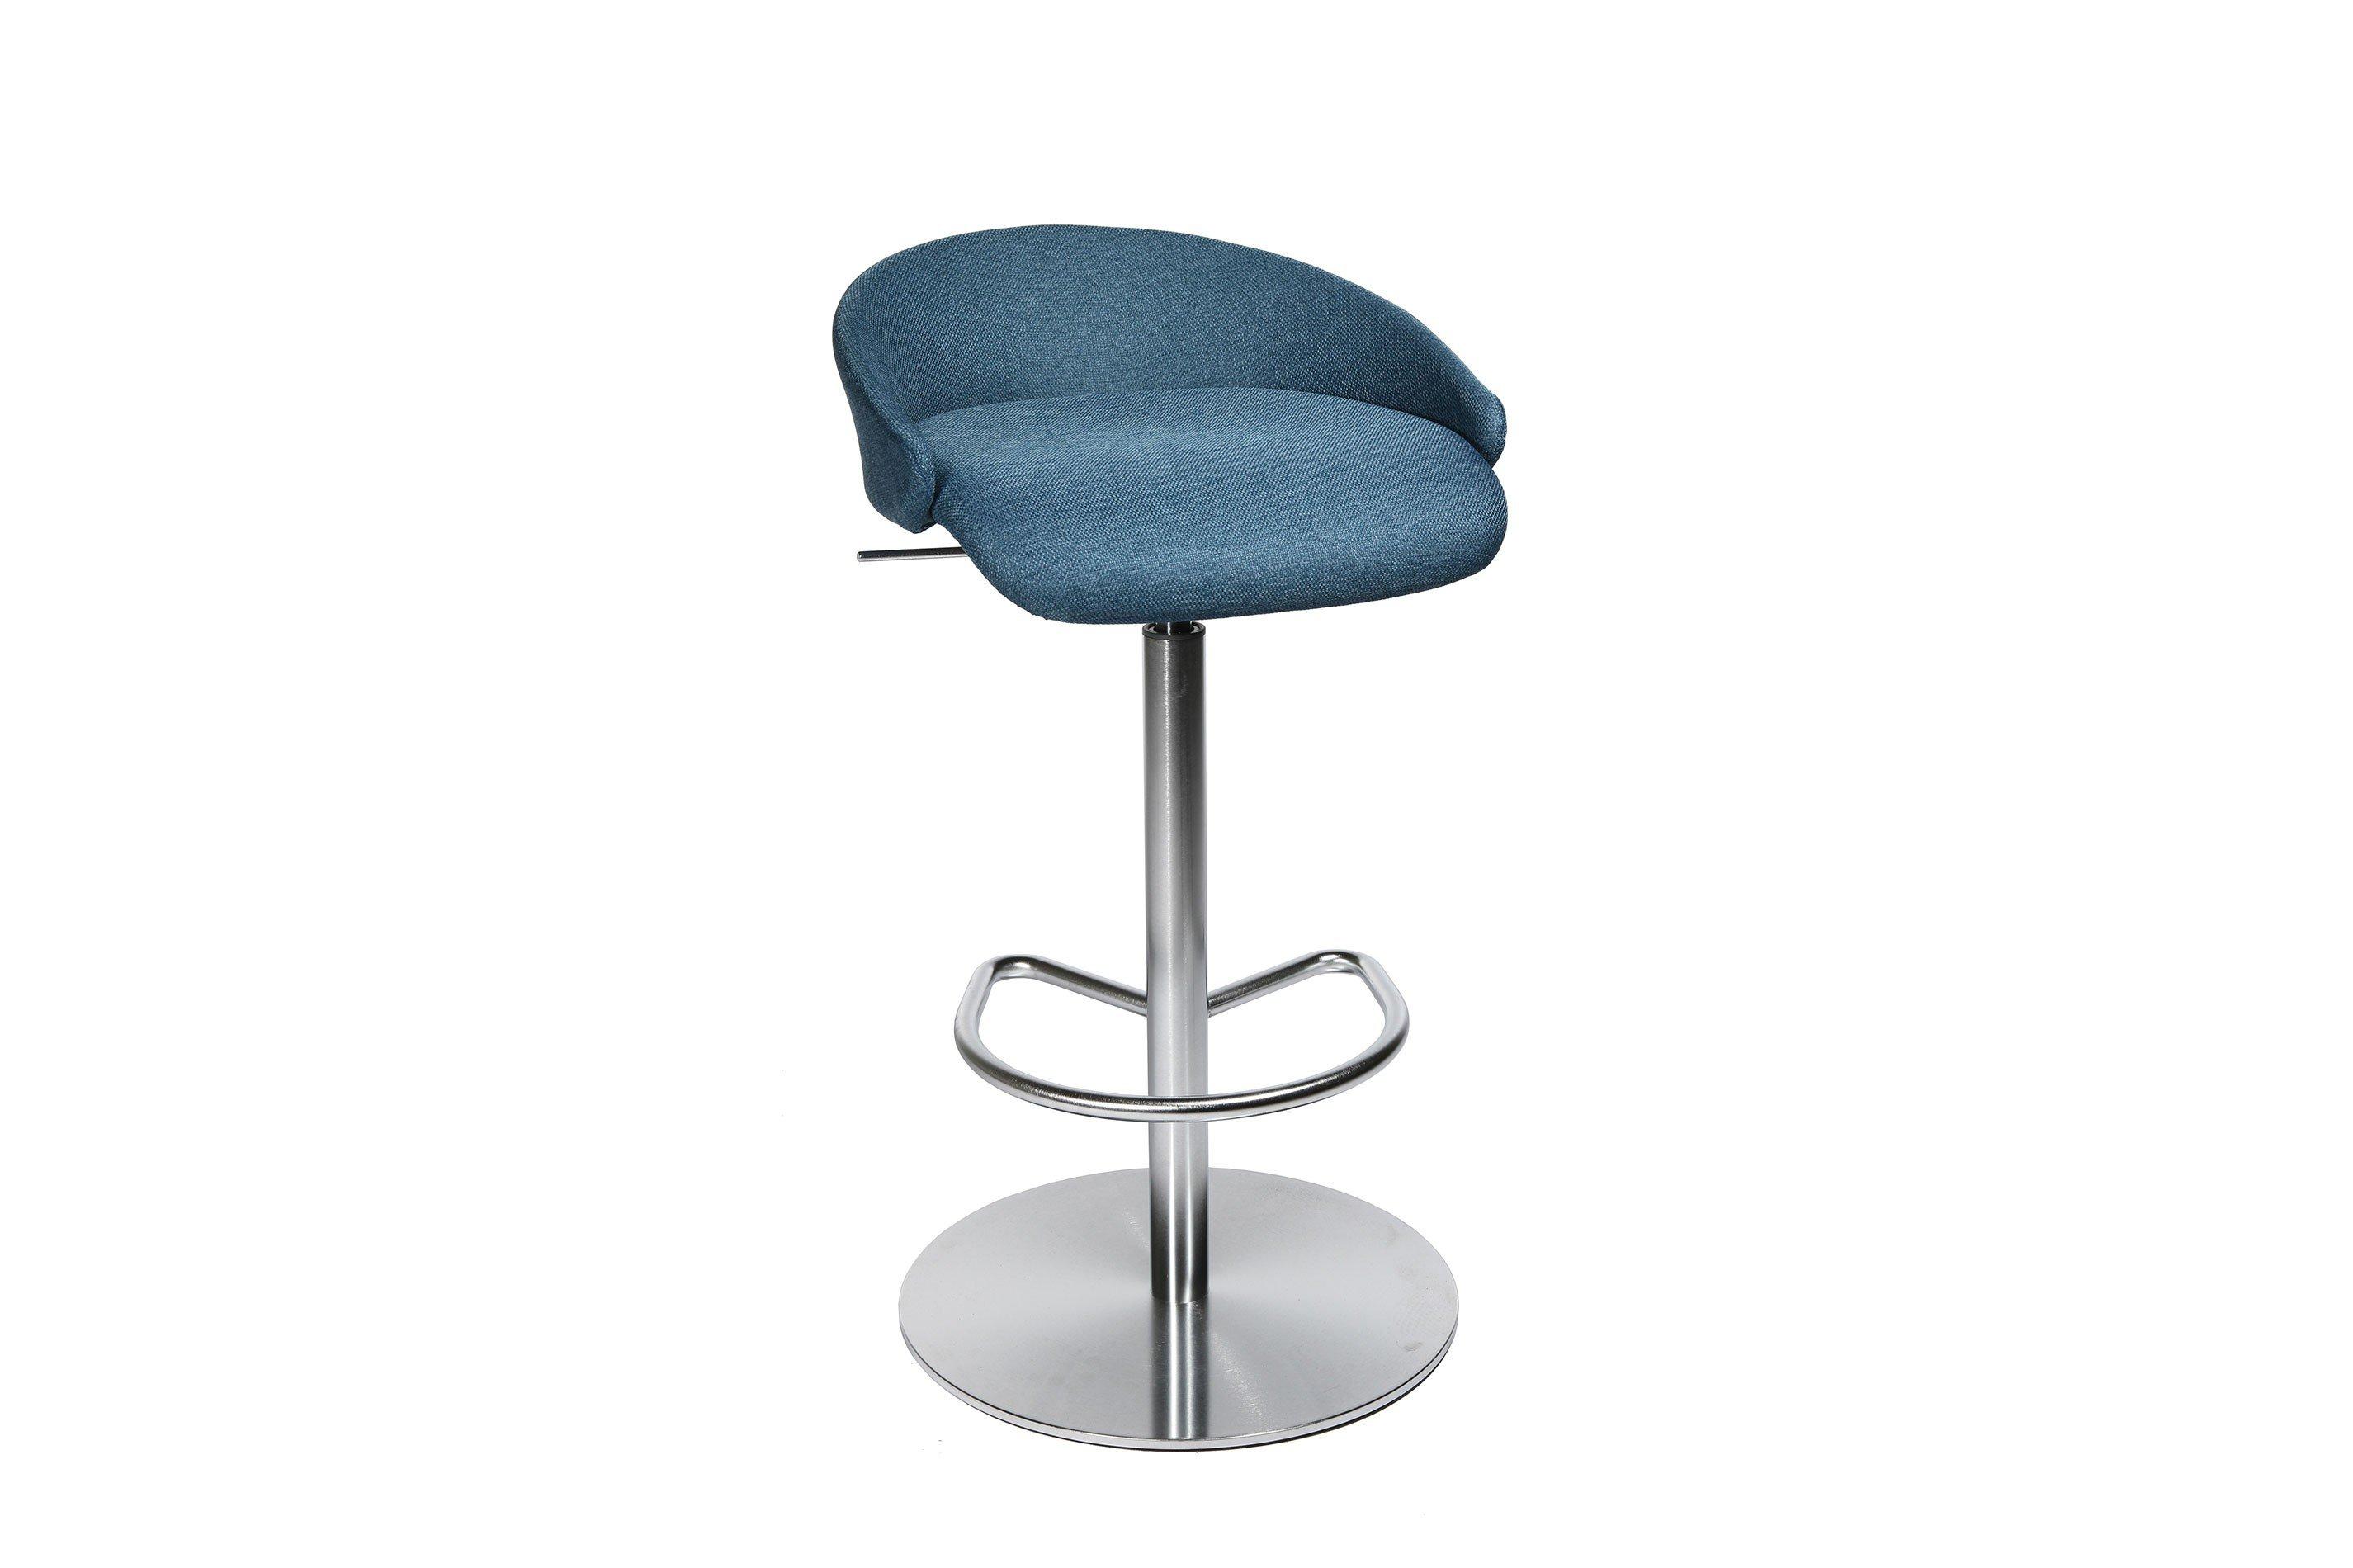 Topstar barhocker sitness stool 20 blau edelstahl optik for Barhocker verstellbar edelstahl